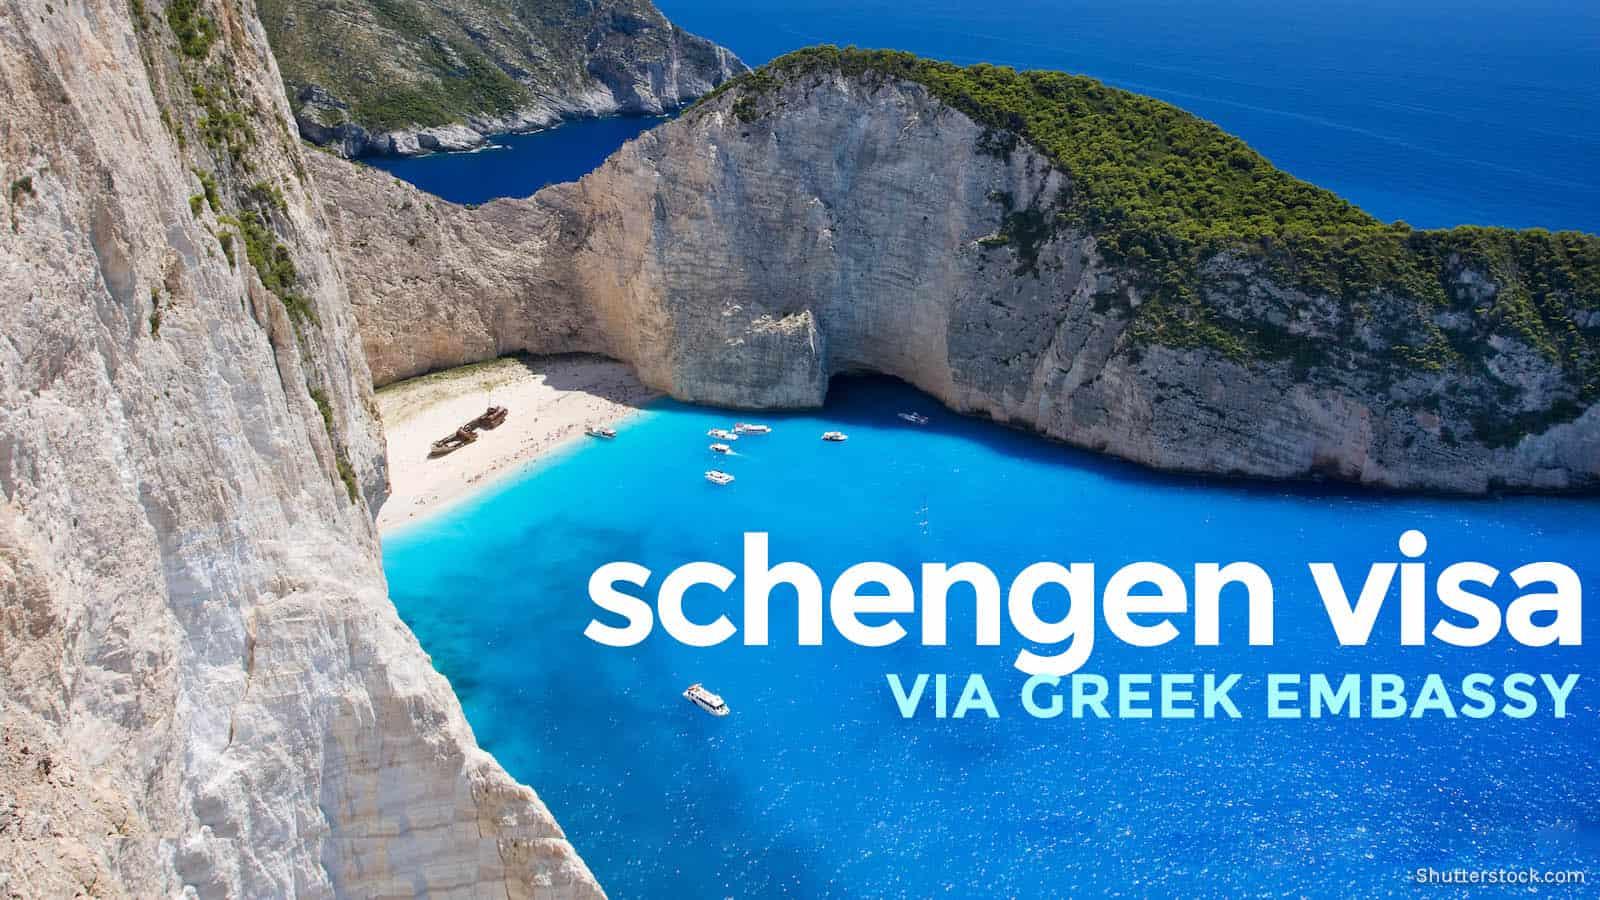 schengen visa via greek